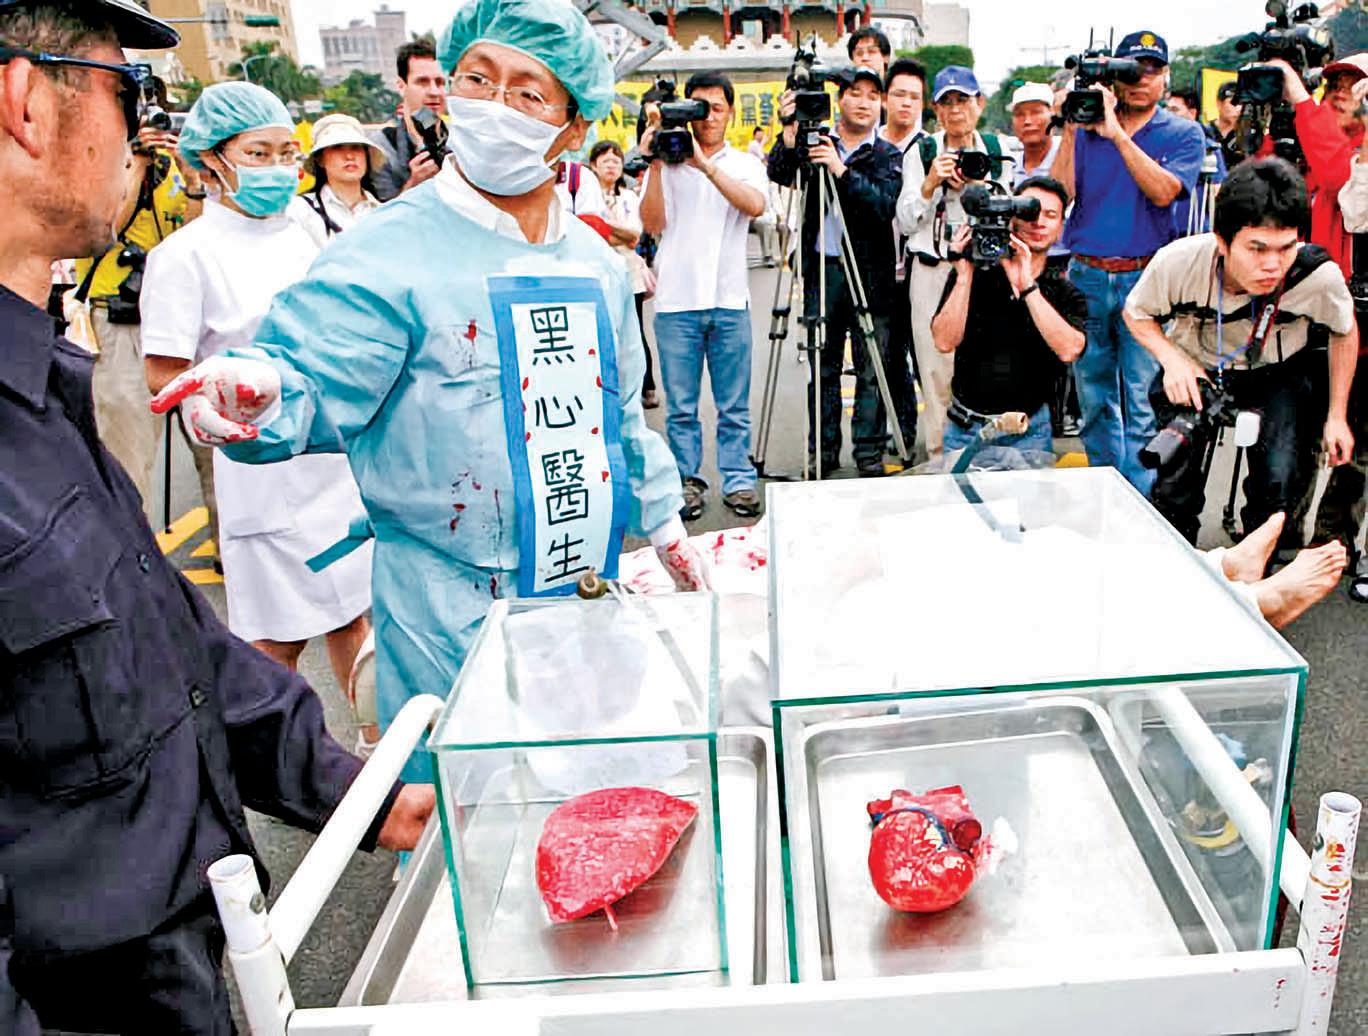 2006年,台灣各界人士舉行遊行集會活動,紛紛譴責中共活體摘取法輪功學員器官的暴行。圖為大陸法輪功學員遭活體摘除器官行動劇演示,令在場人士悲憤不已。